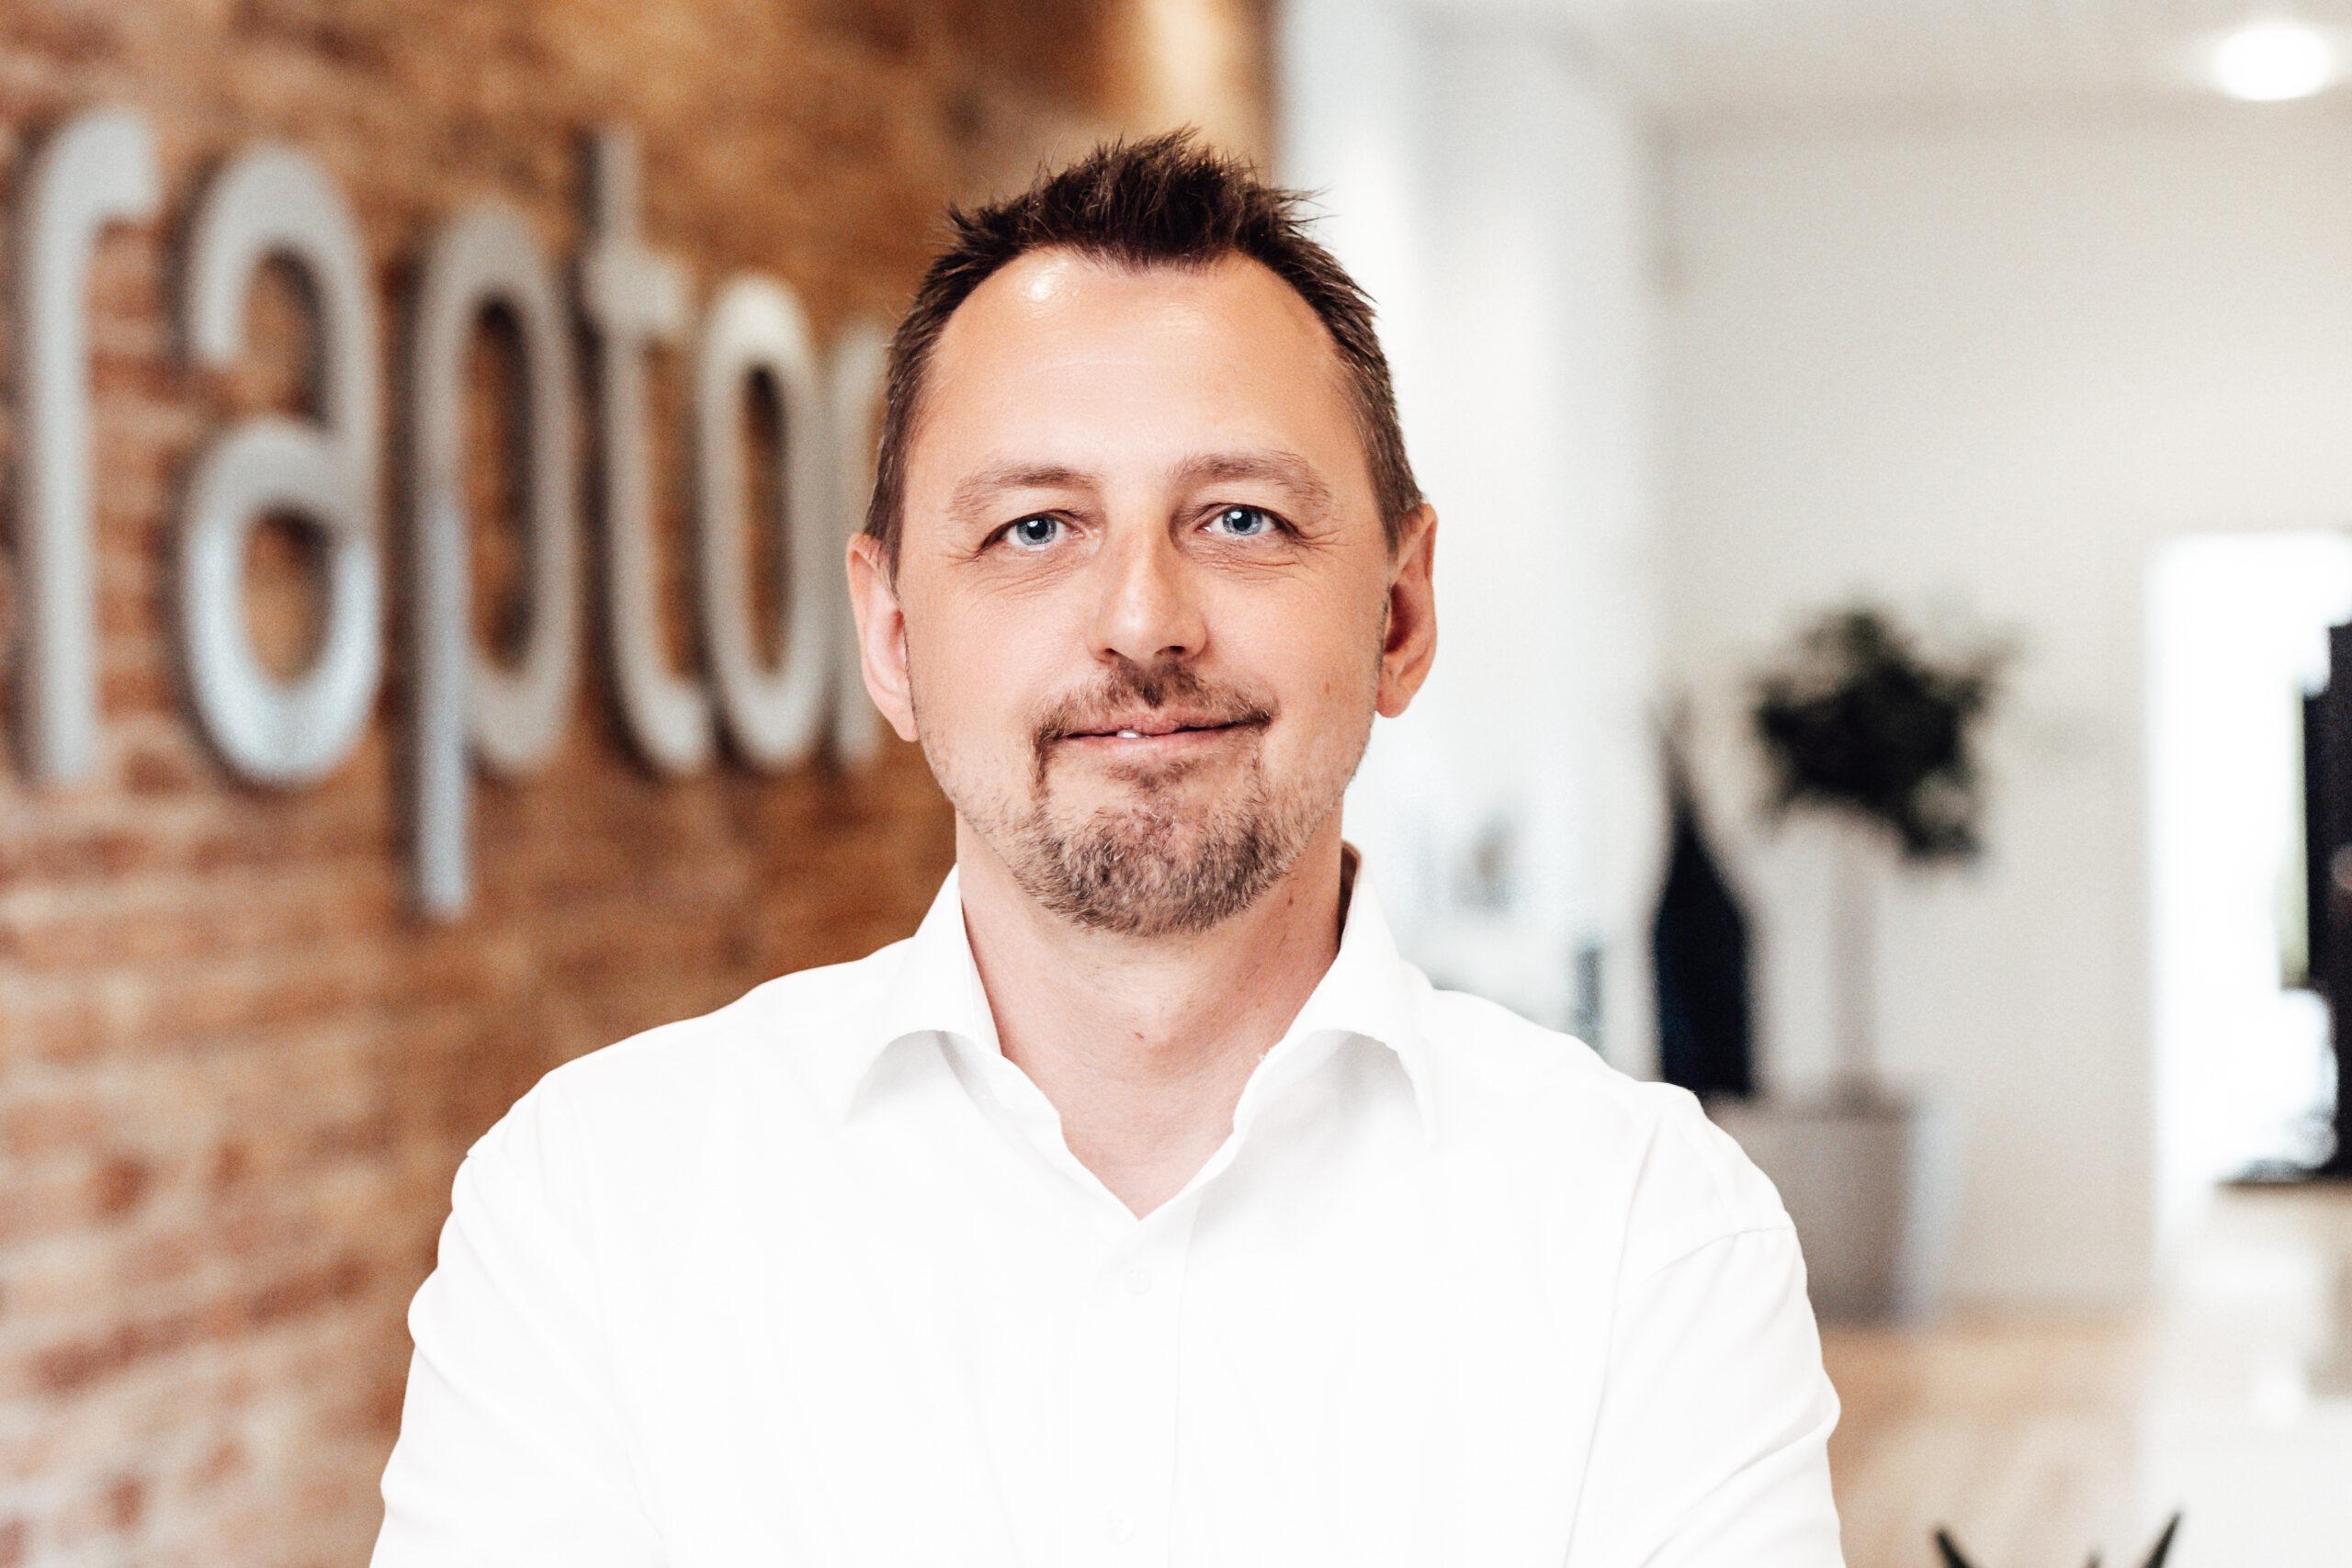 Jan Skov, COO at Raptor Services